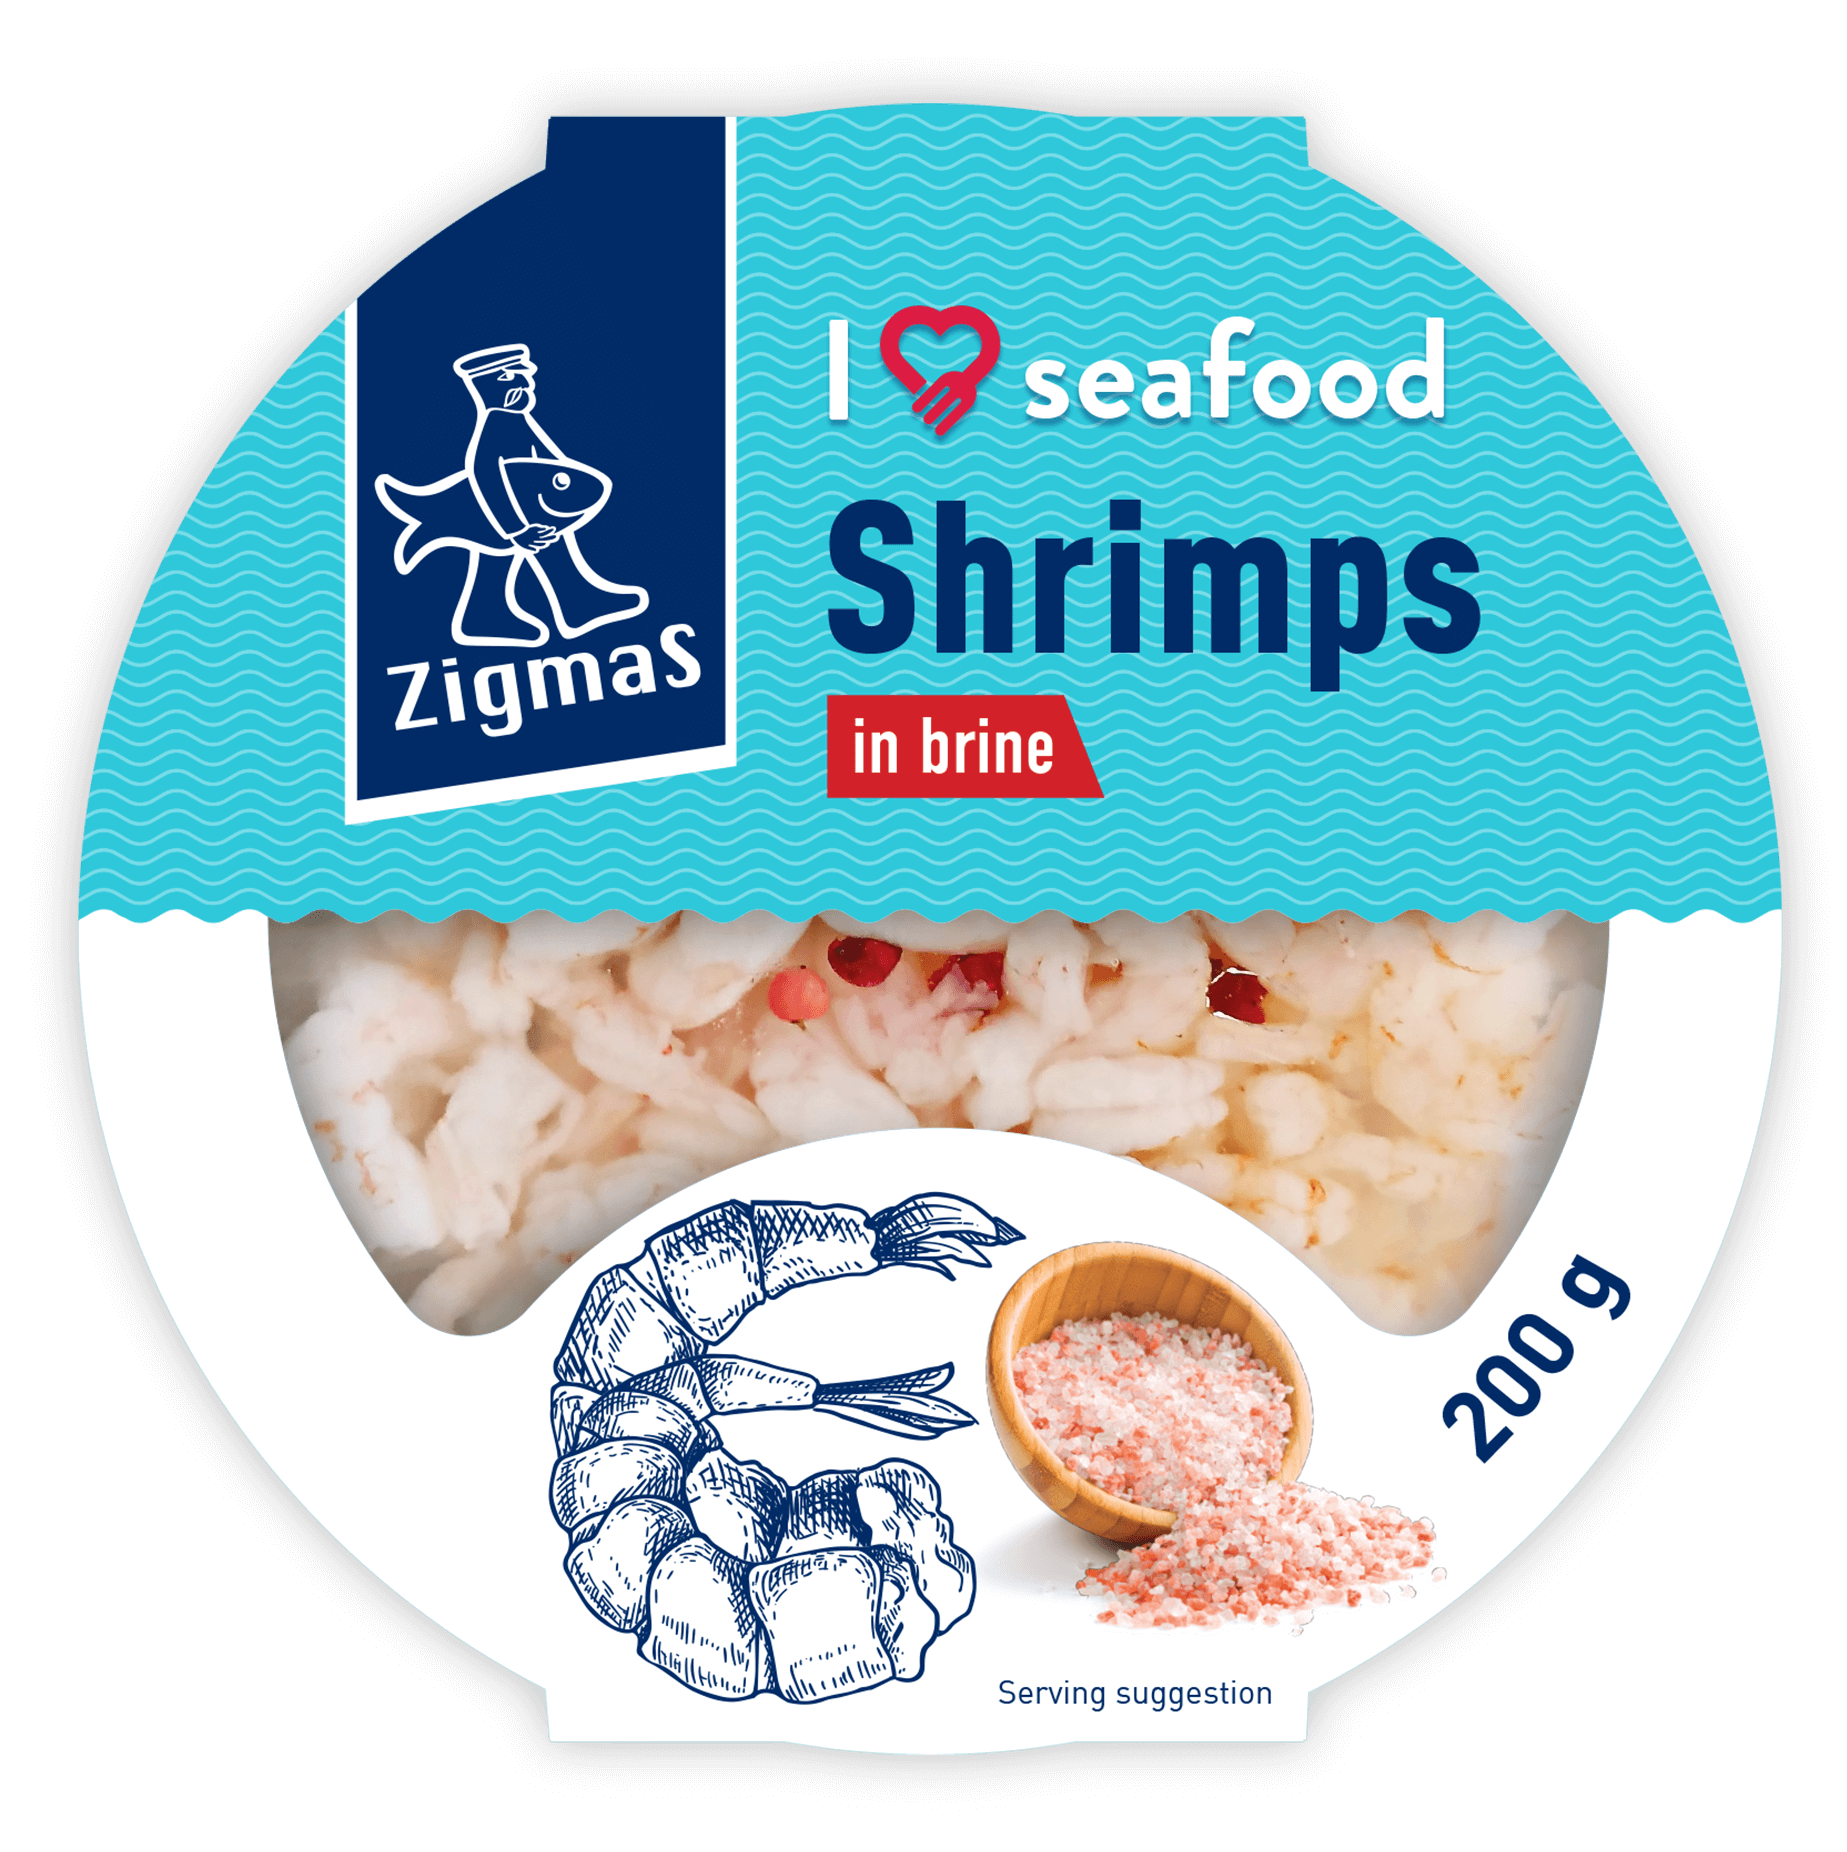 Shrimps in brine